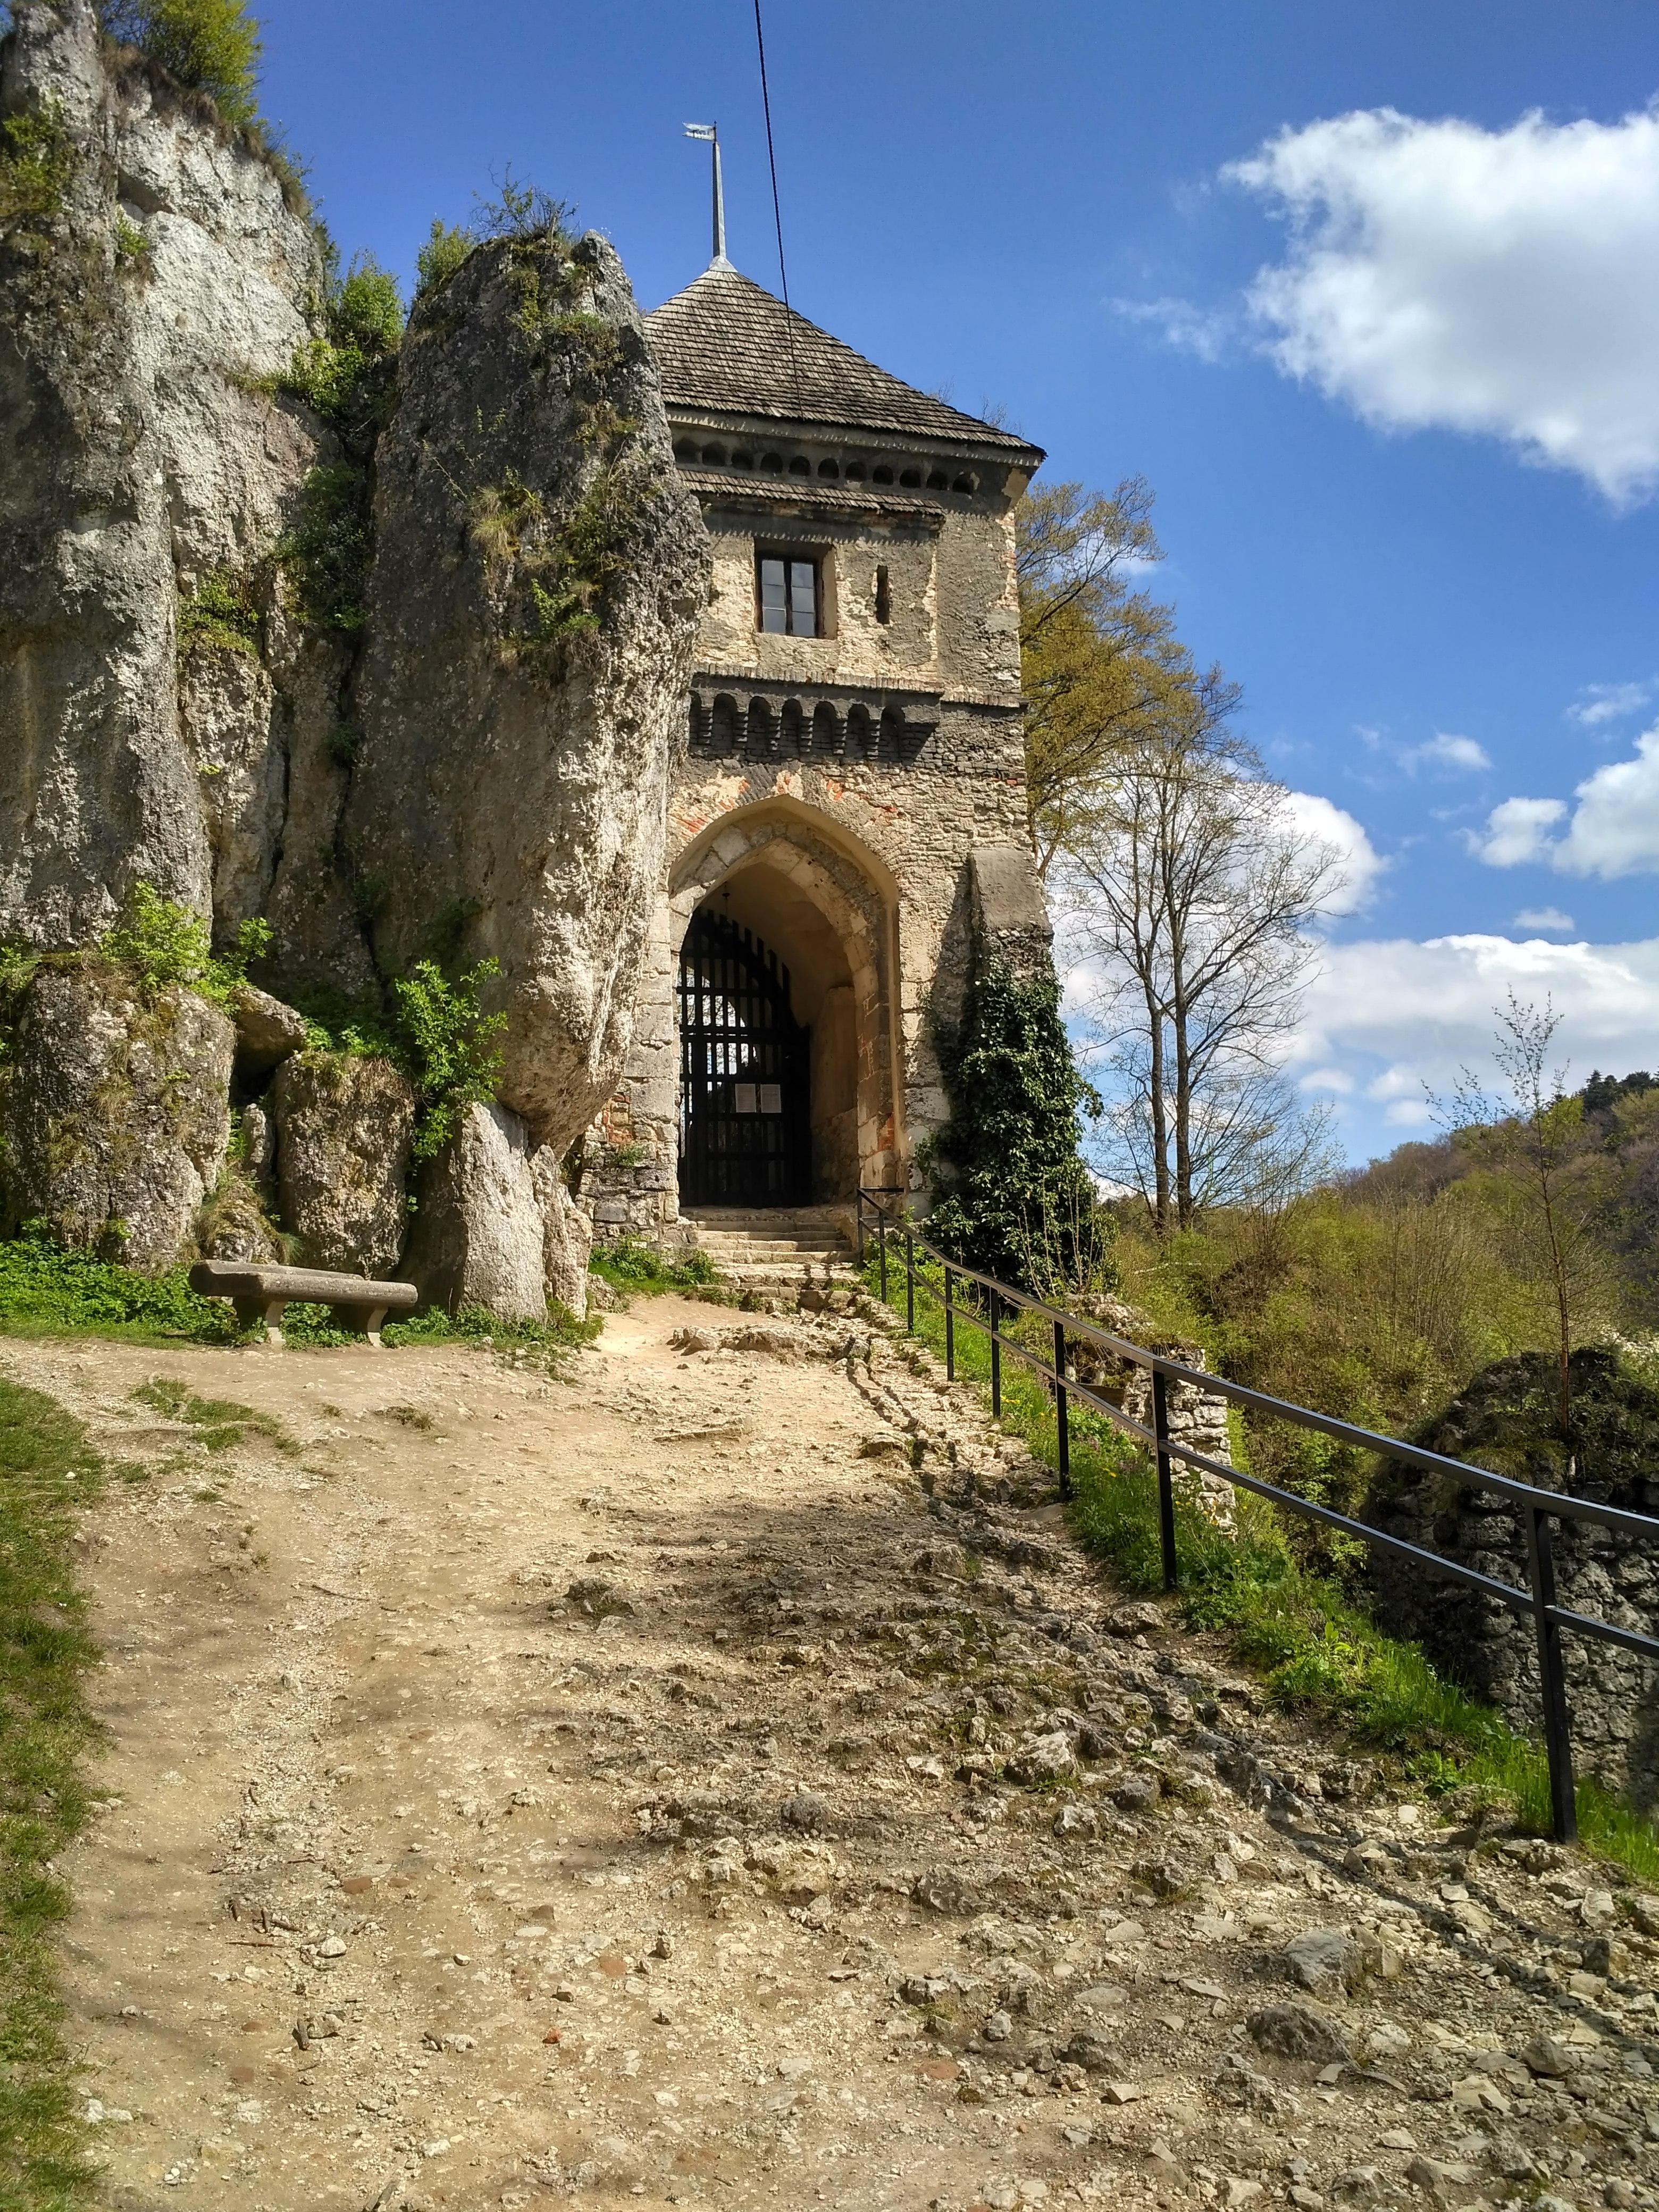 Ojców Atrakcje: Zamek w Ojcowie